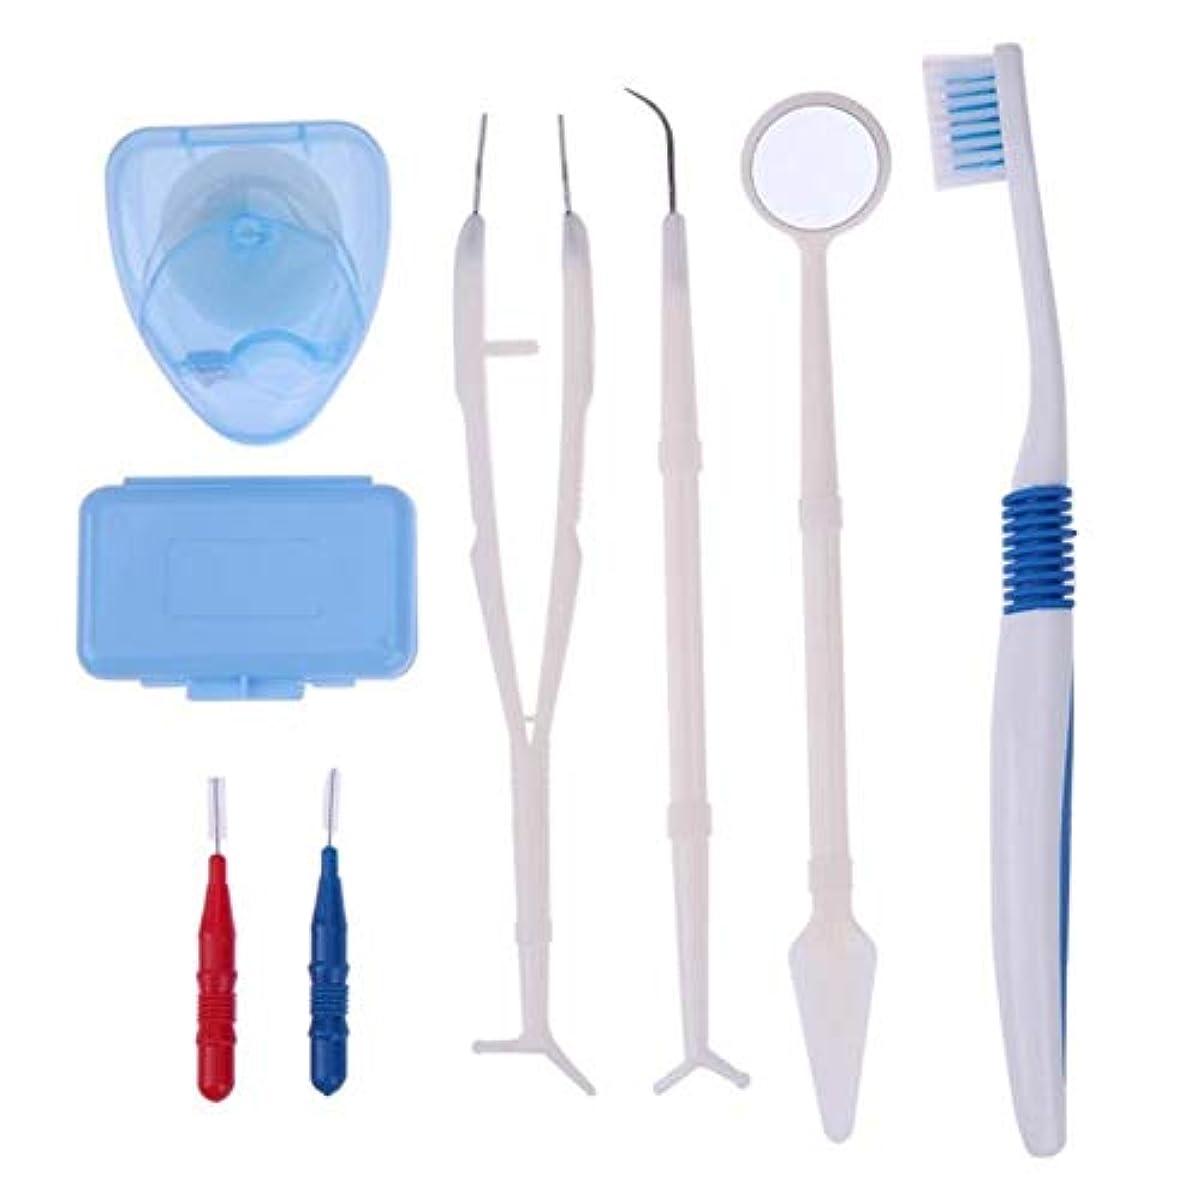 ZHQI-HEAL プロの歯のホワイトニングストリップホワイトニングキットの歯ブラシ歯間ブラシフロスオーラルケアキットオーラルクリーンツール072 (色 : 白)